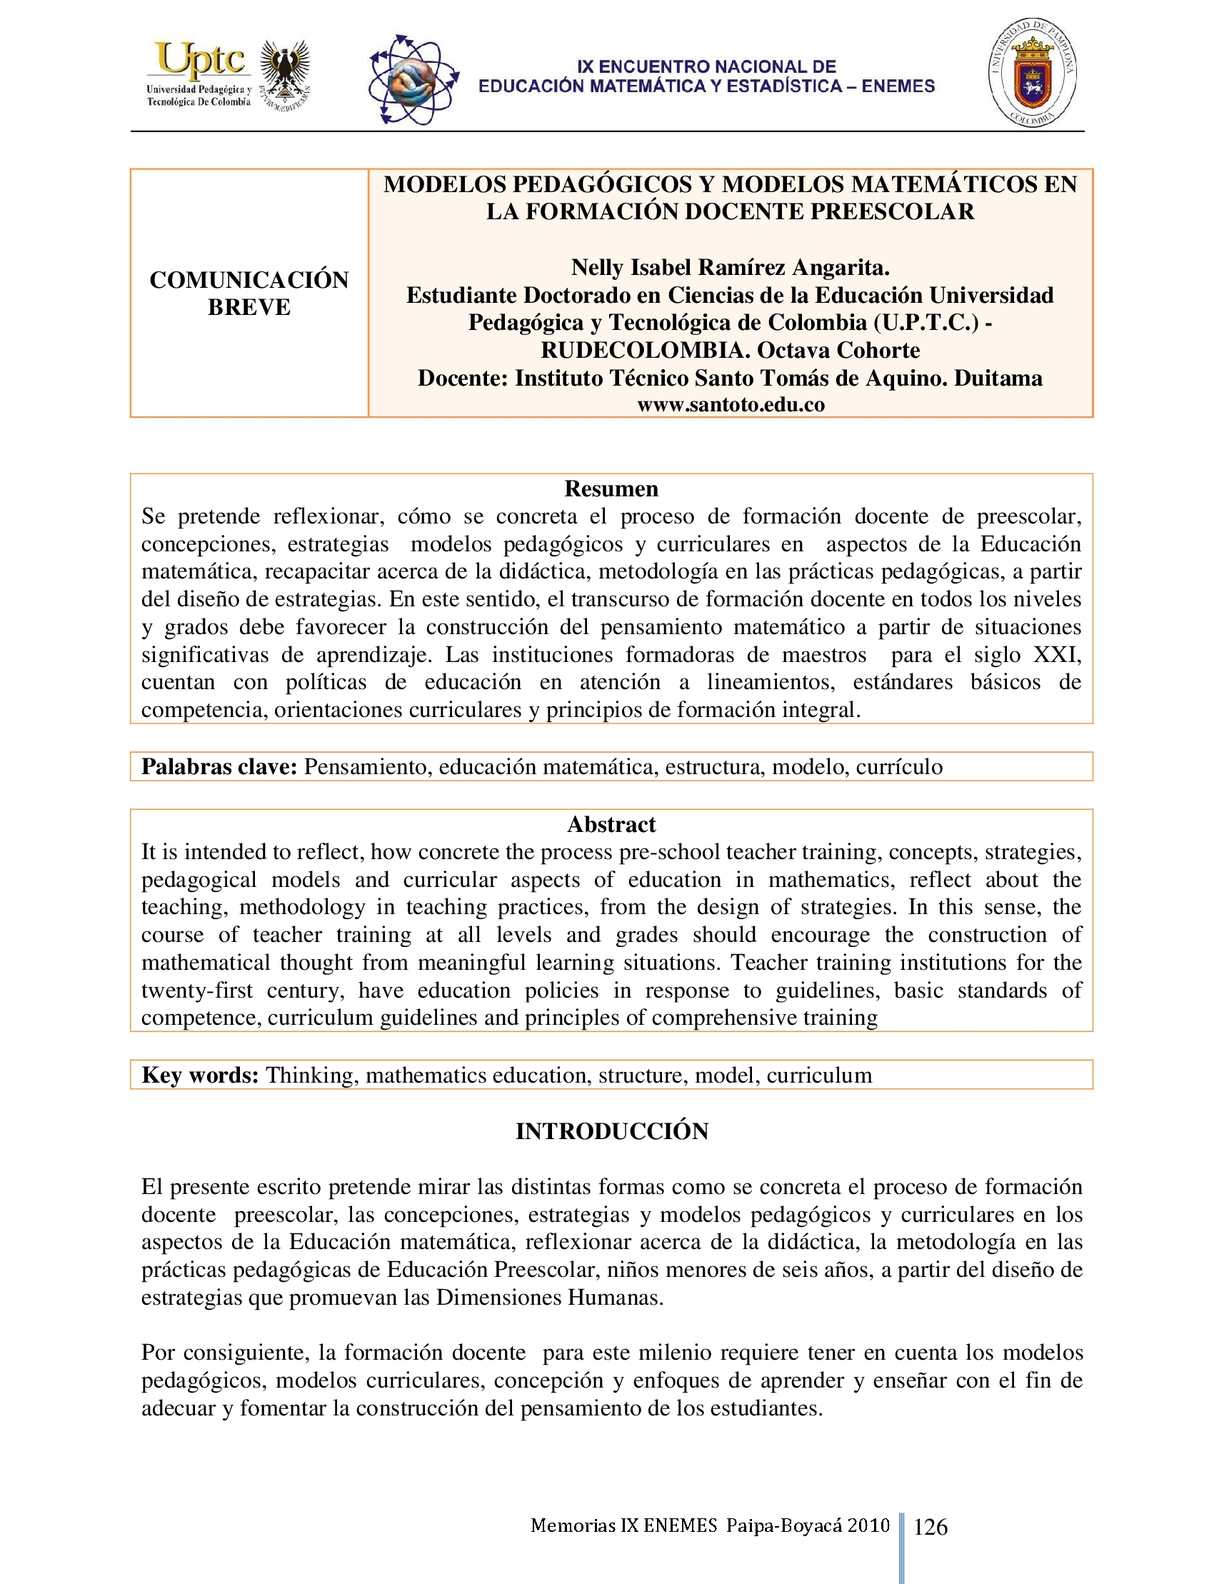 Calaméo - MODELOS PEDAGÓGICOS Y MODELOS MATEMÁTICOS EN LA FORMACIÓN ...